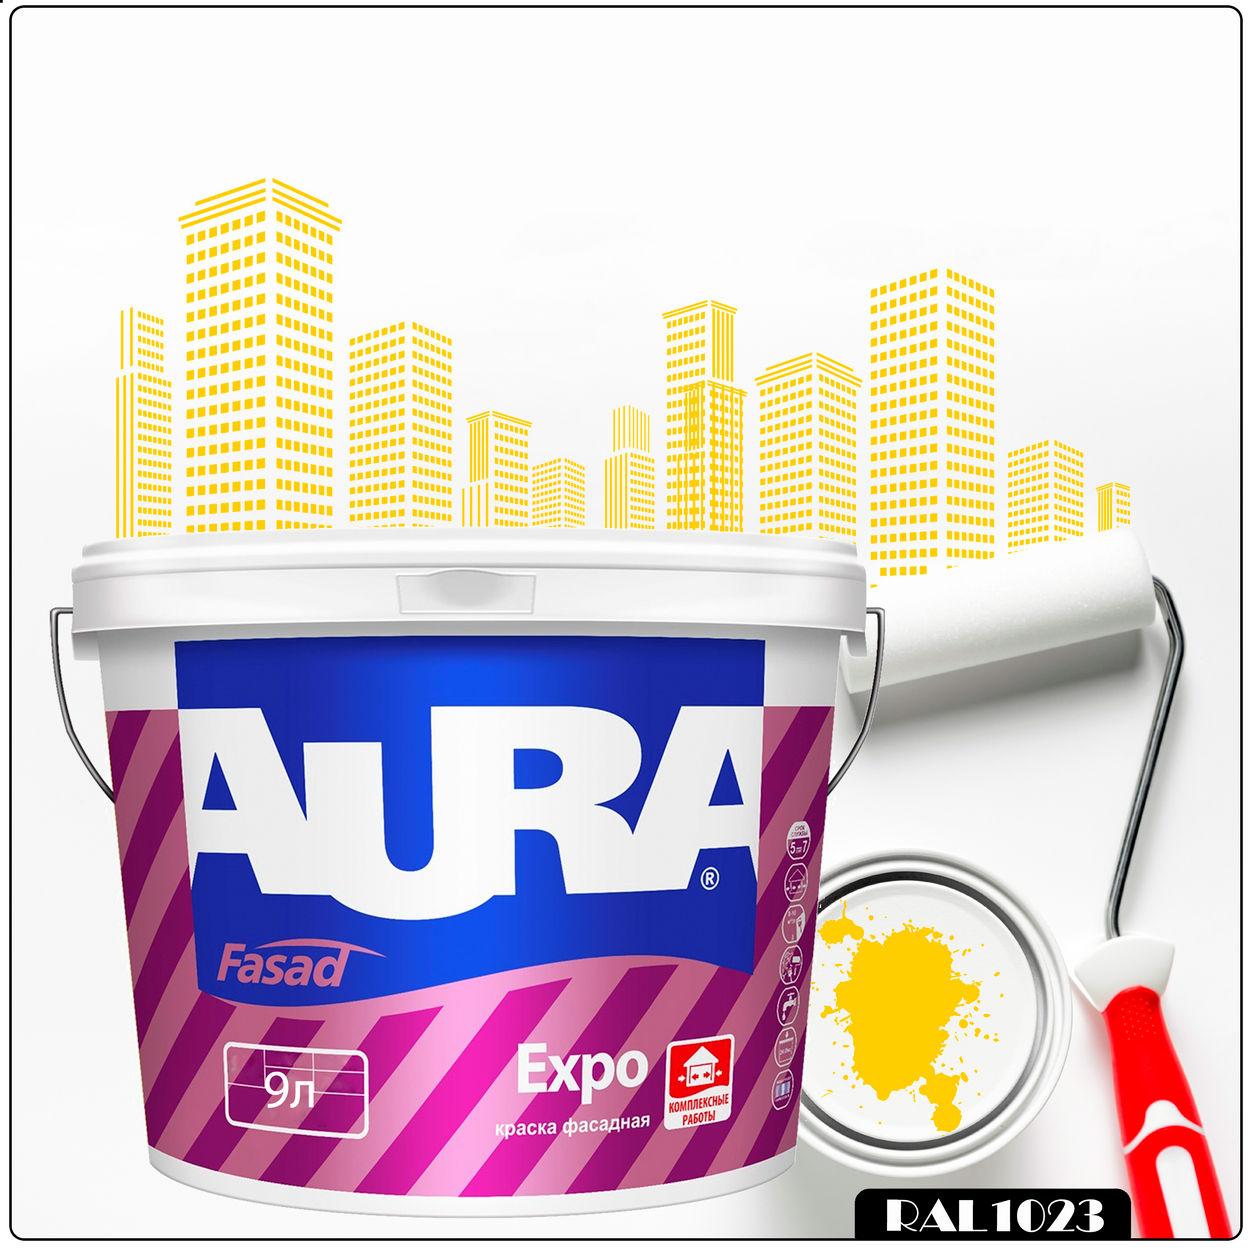 Фото 20 - Краска Aura Fasad Expo, RAL 1023 Транспортно-жёлтый, матовая, для фасадов и помещений с повышенной влажностью, 9л.